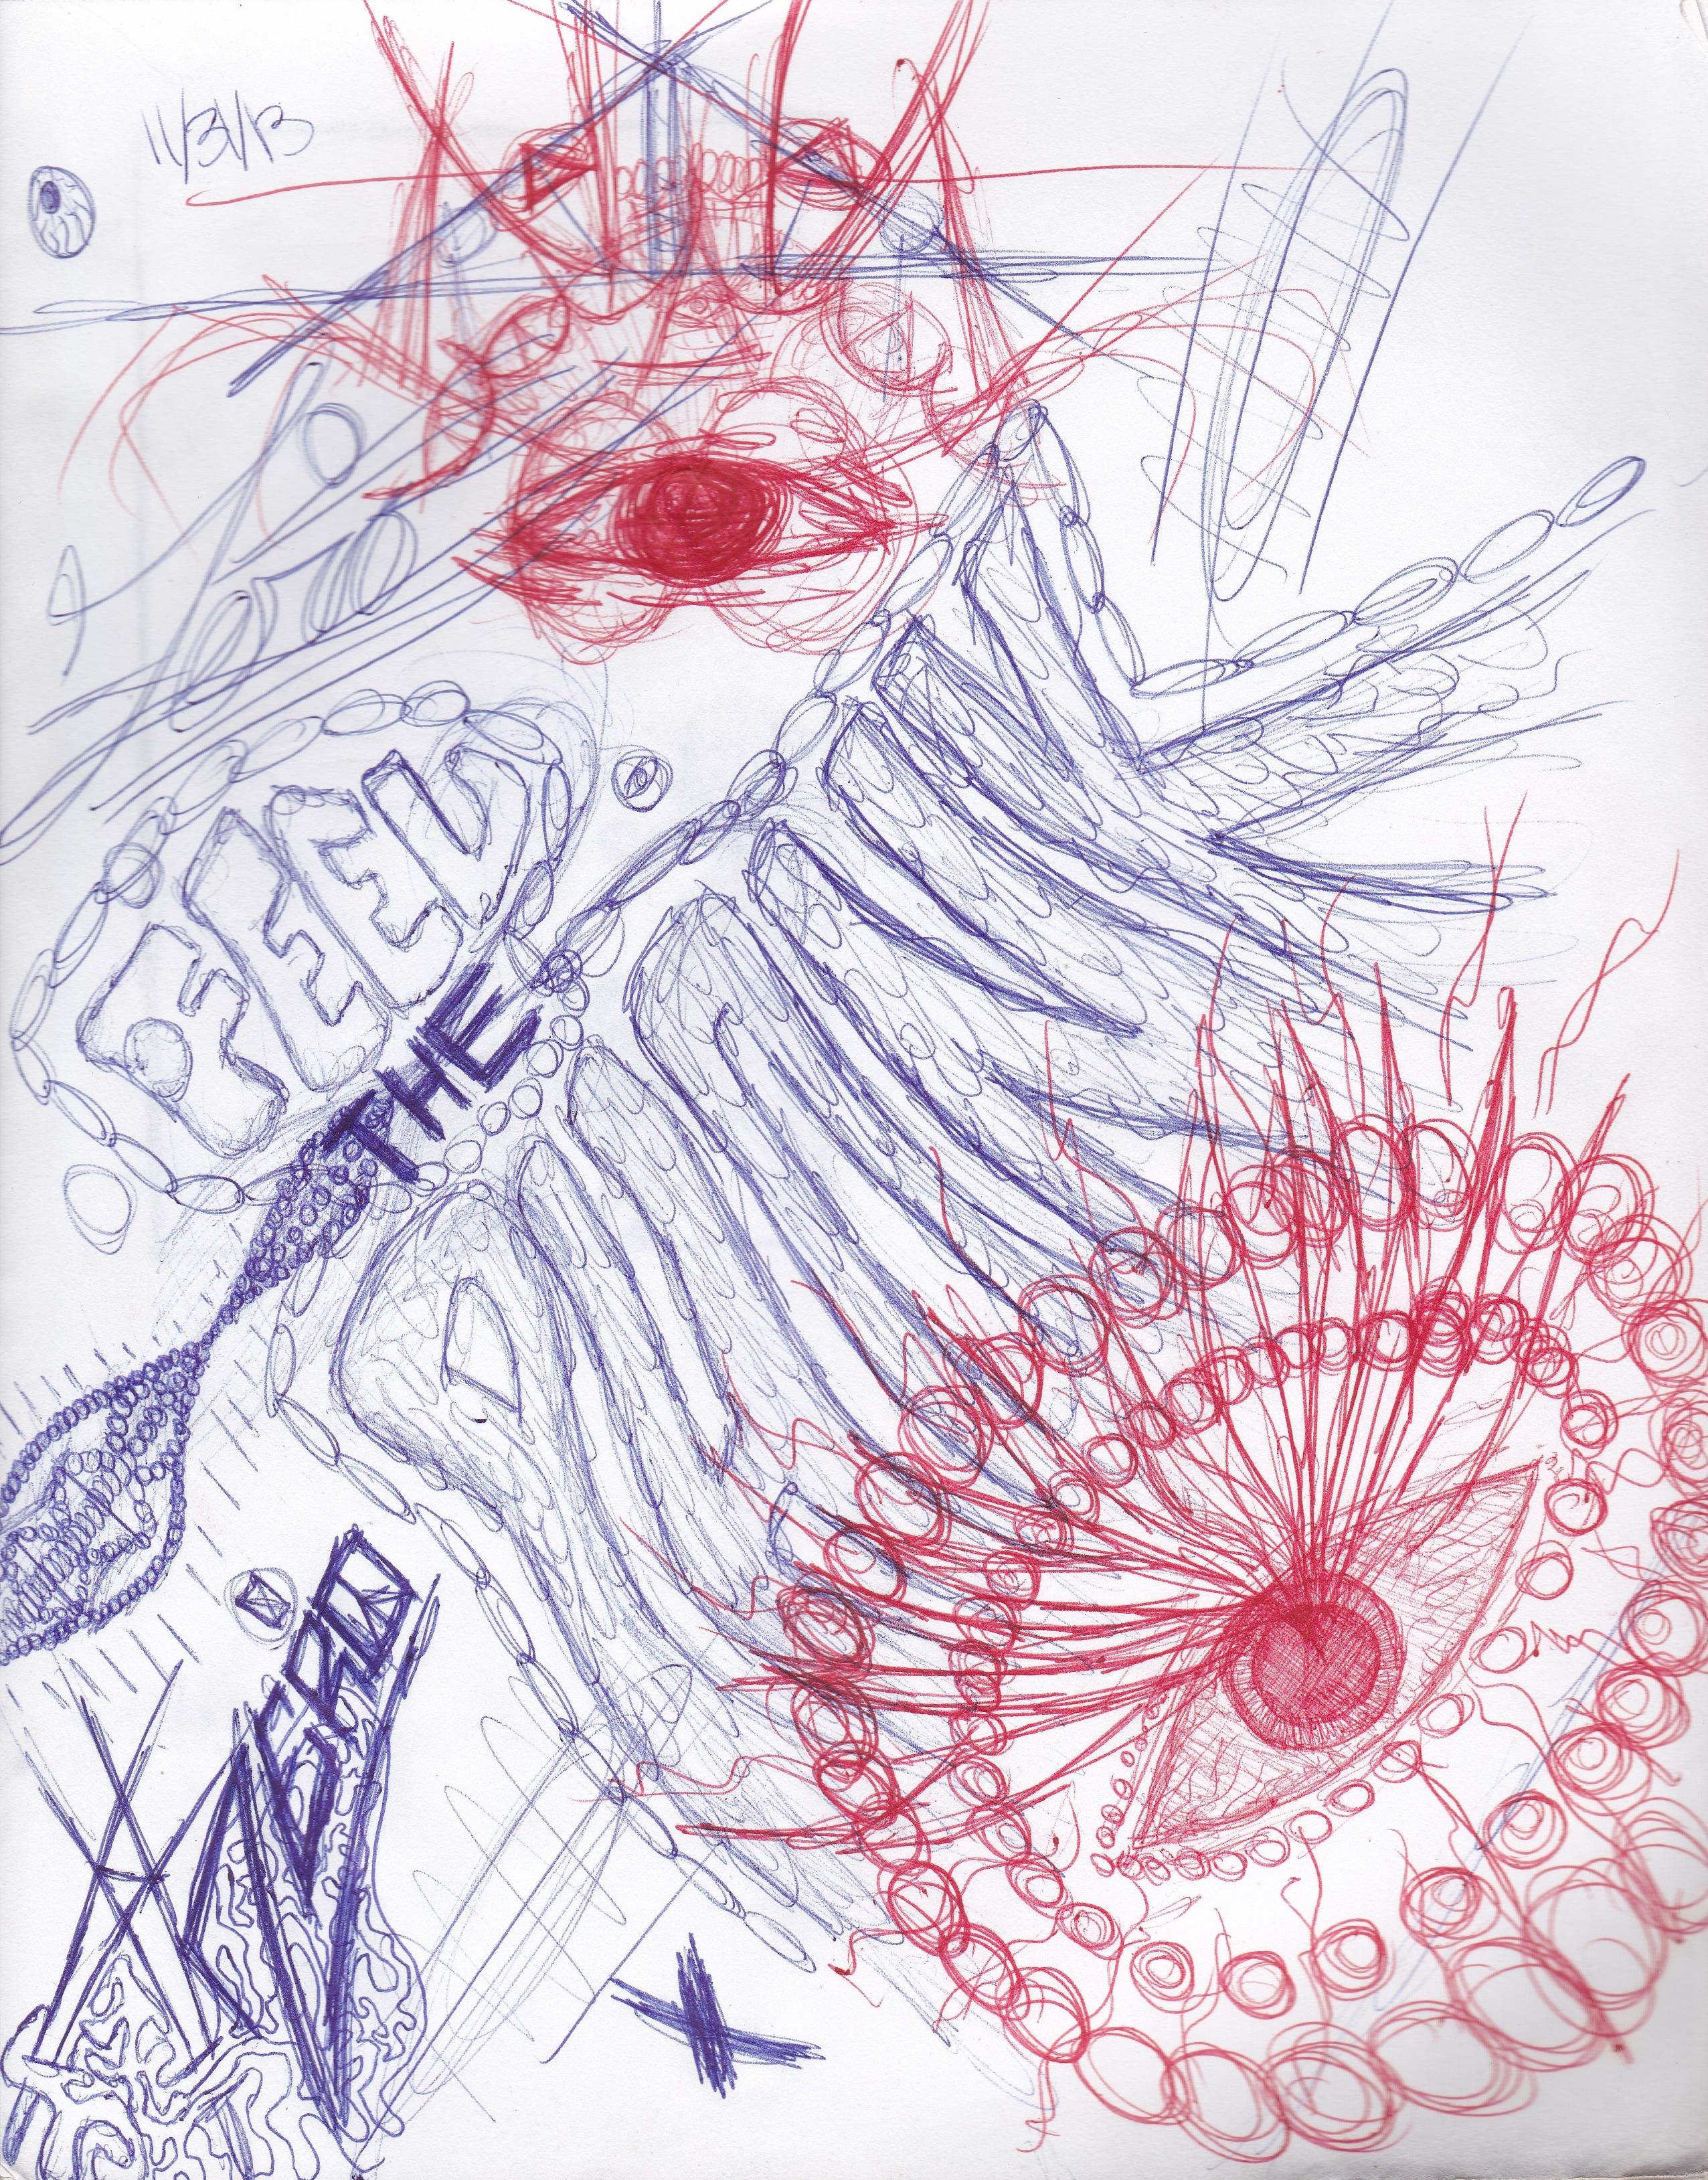 Acid Trip Drawings